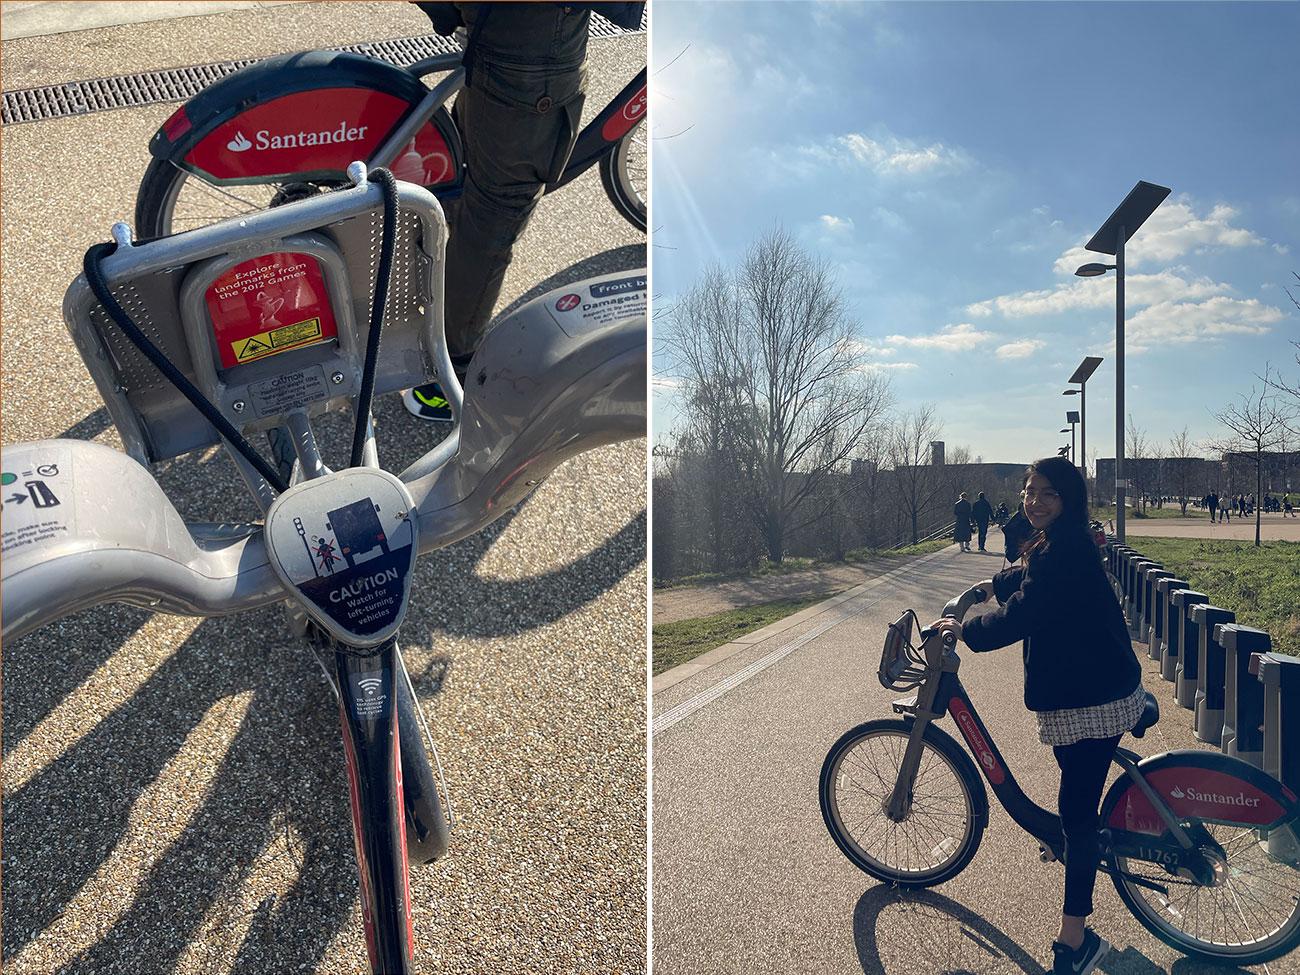 倫敦共享單車 Santander Cycle租借方式-檢查好坐墊和煞車狀況,都正常就可以出發